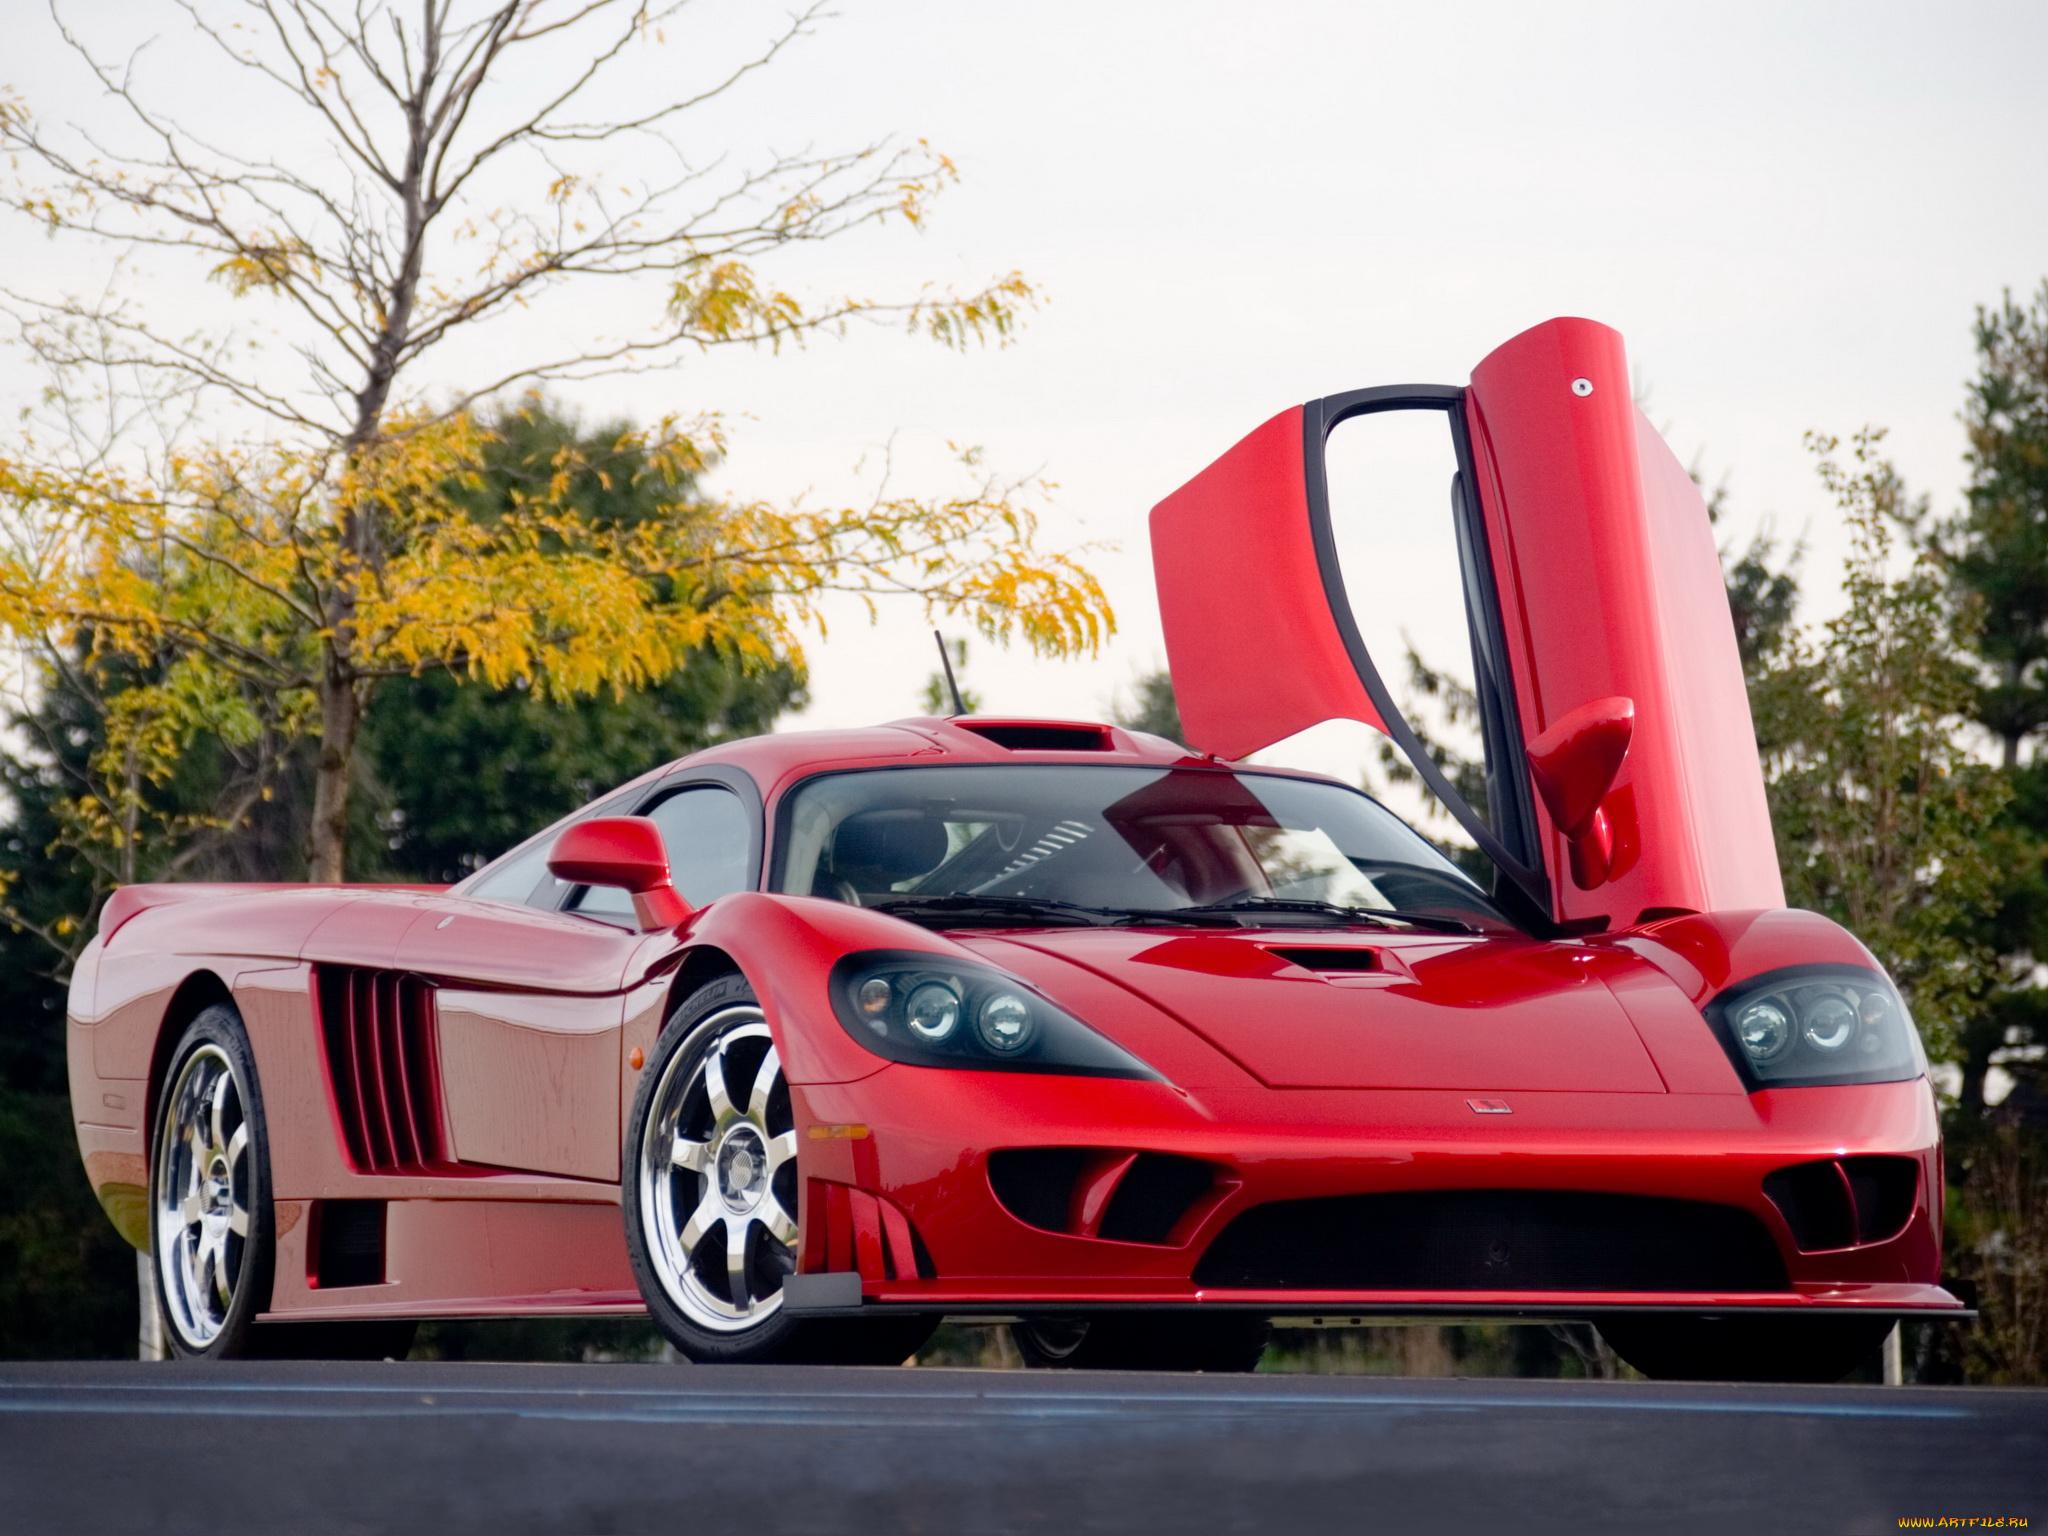 красный автомбиль Saleen S7 скачать